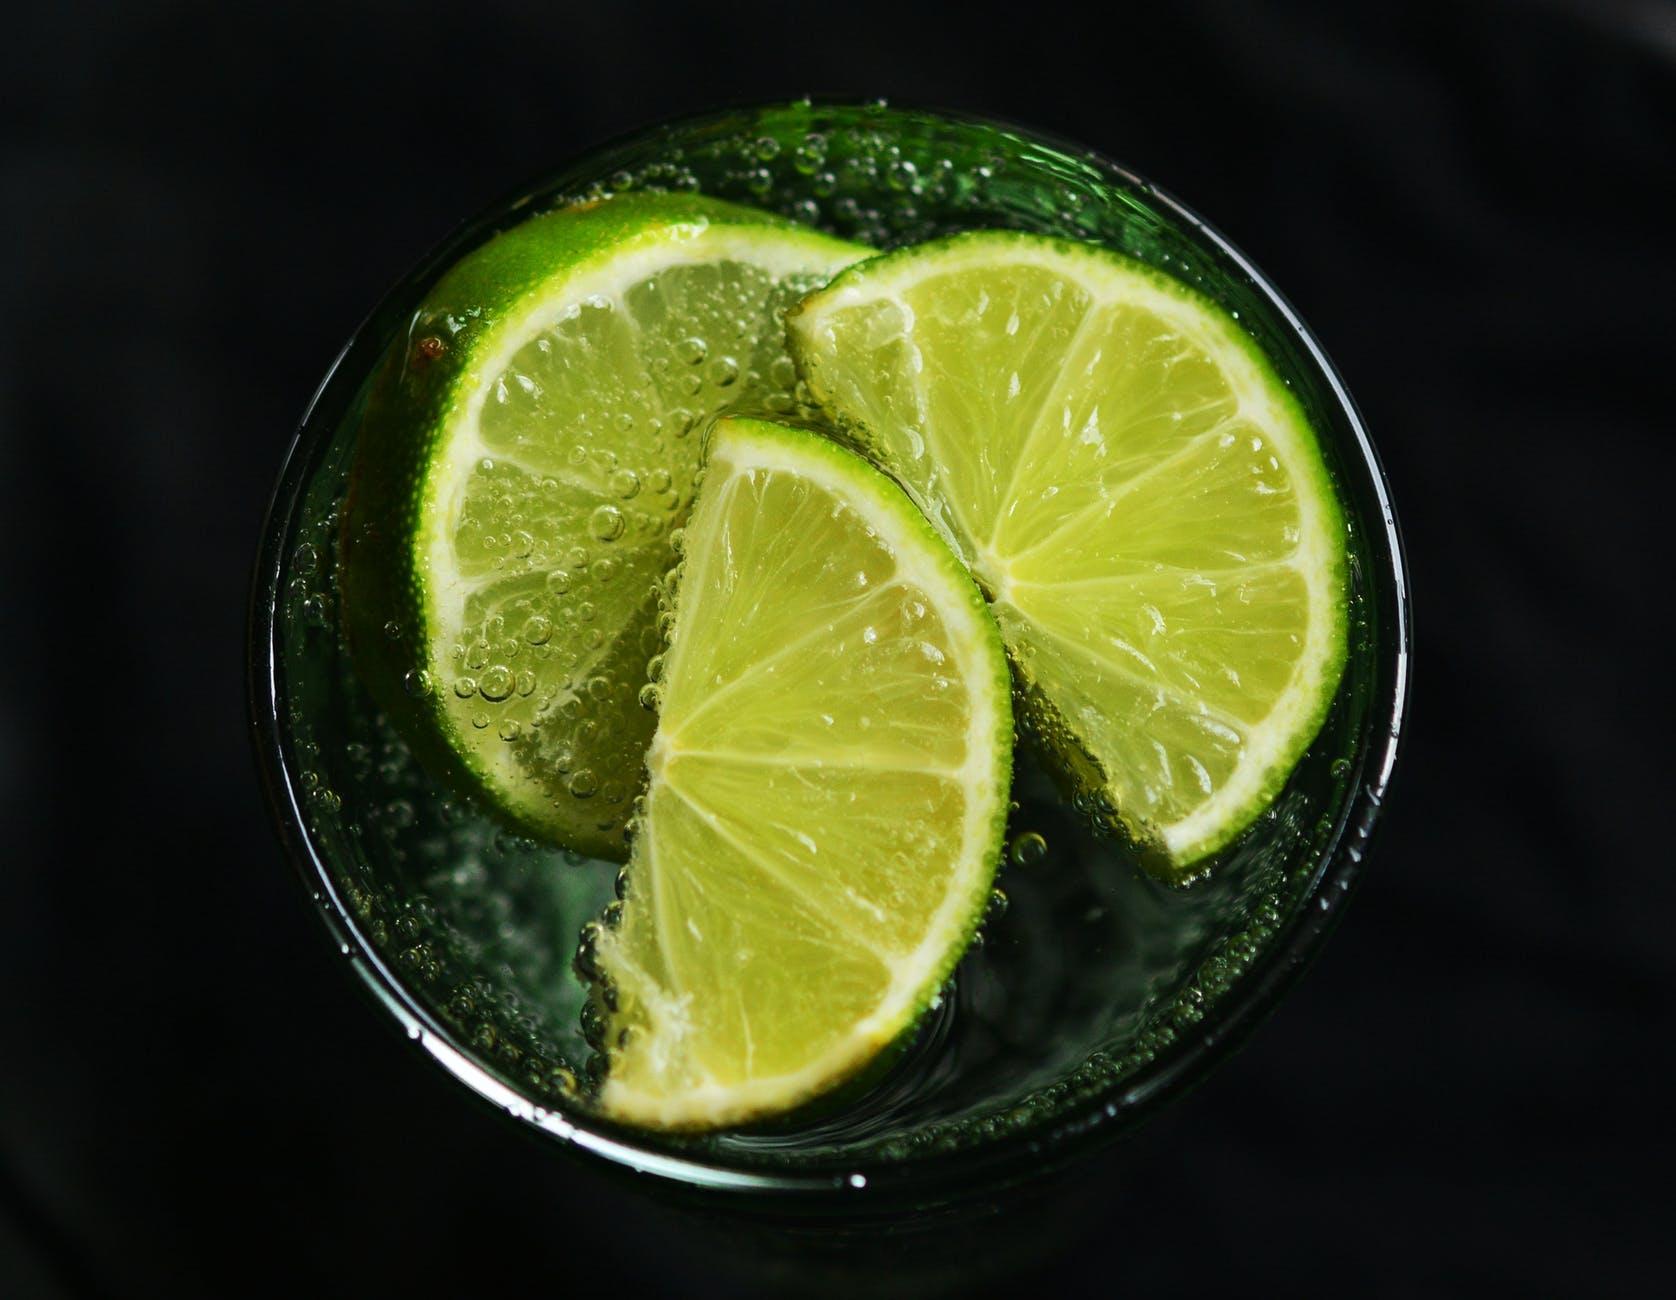 beverage bubble citrus close up